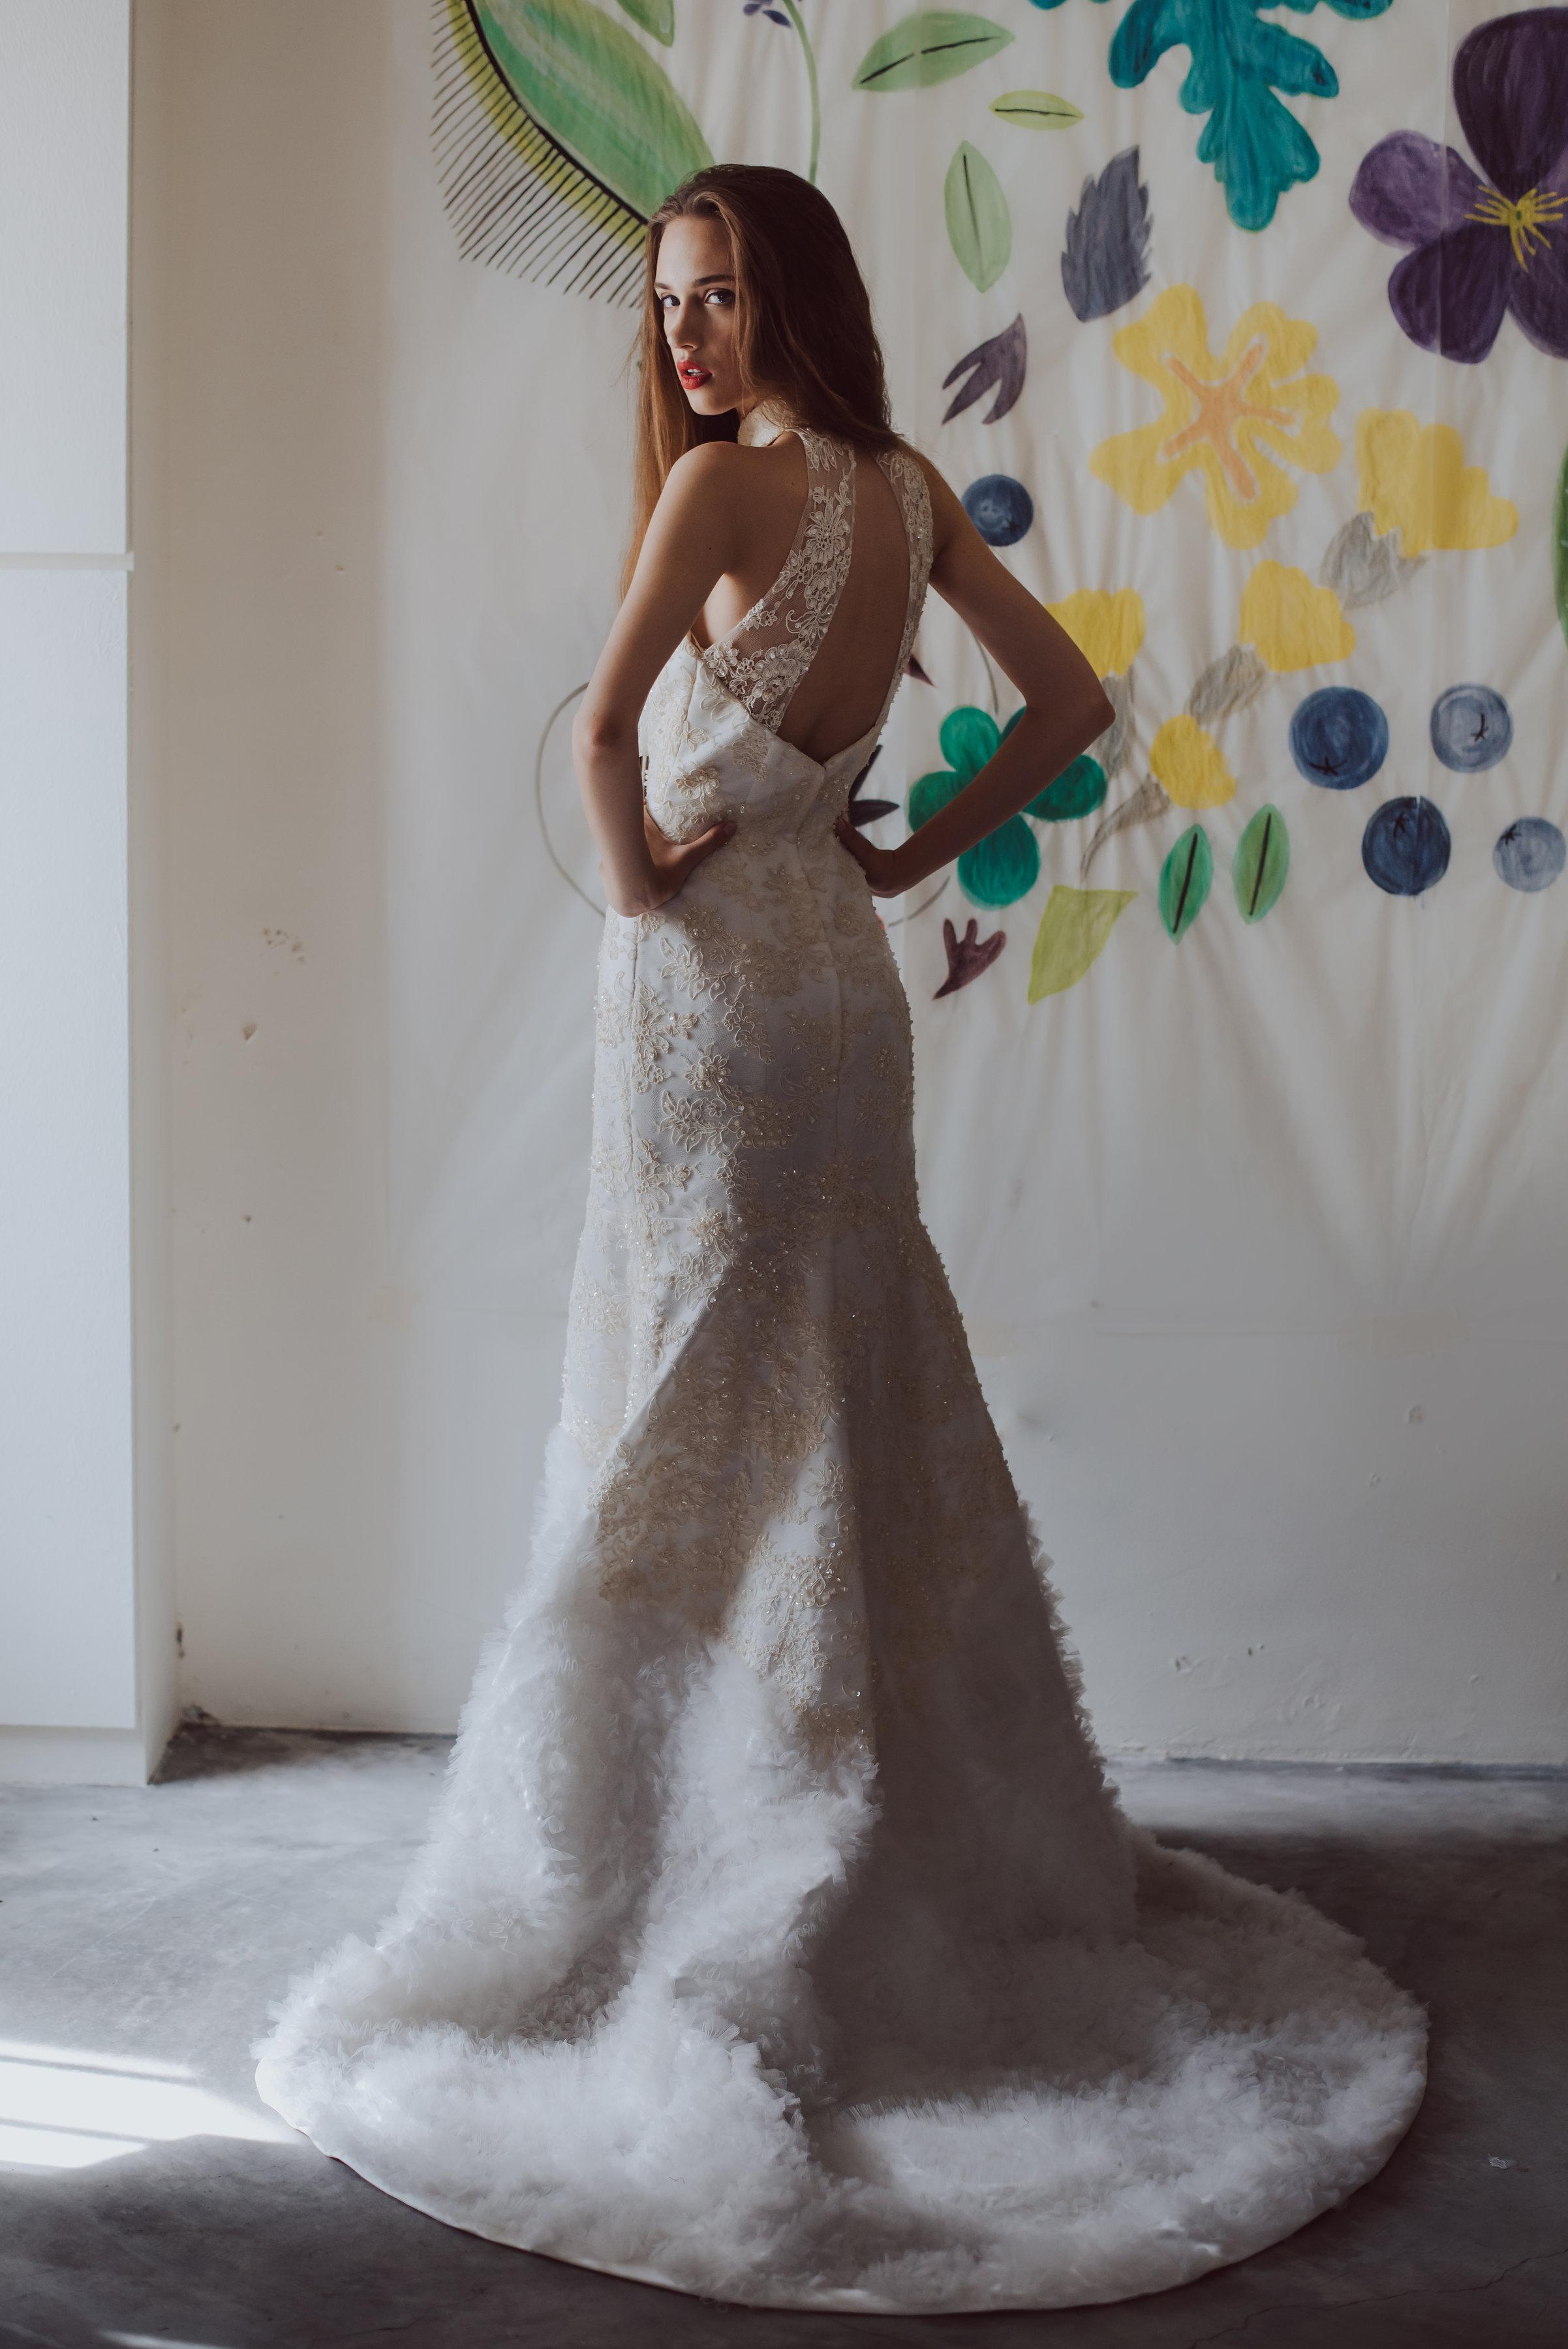 Dress4_009.jpg